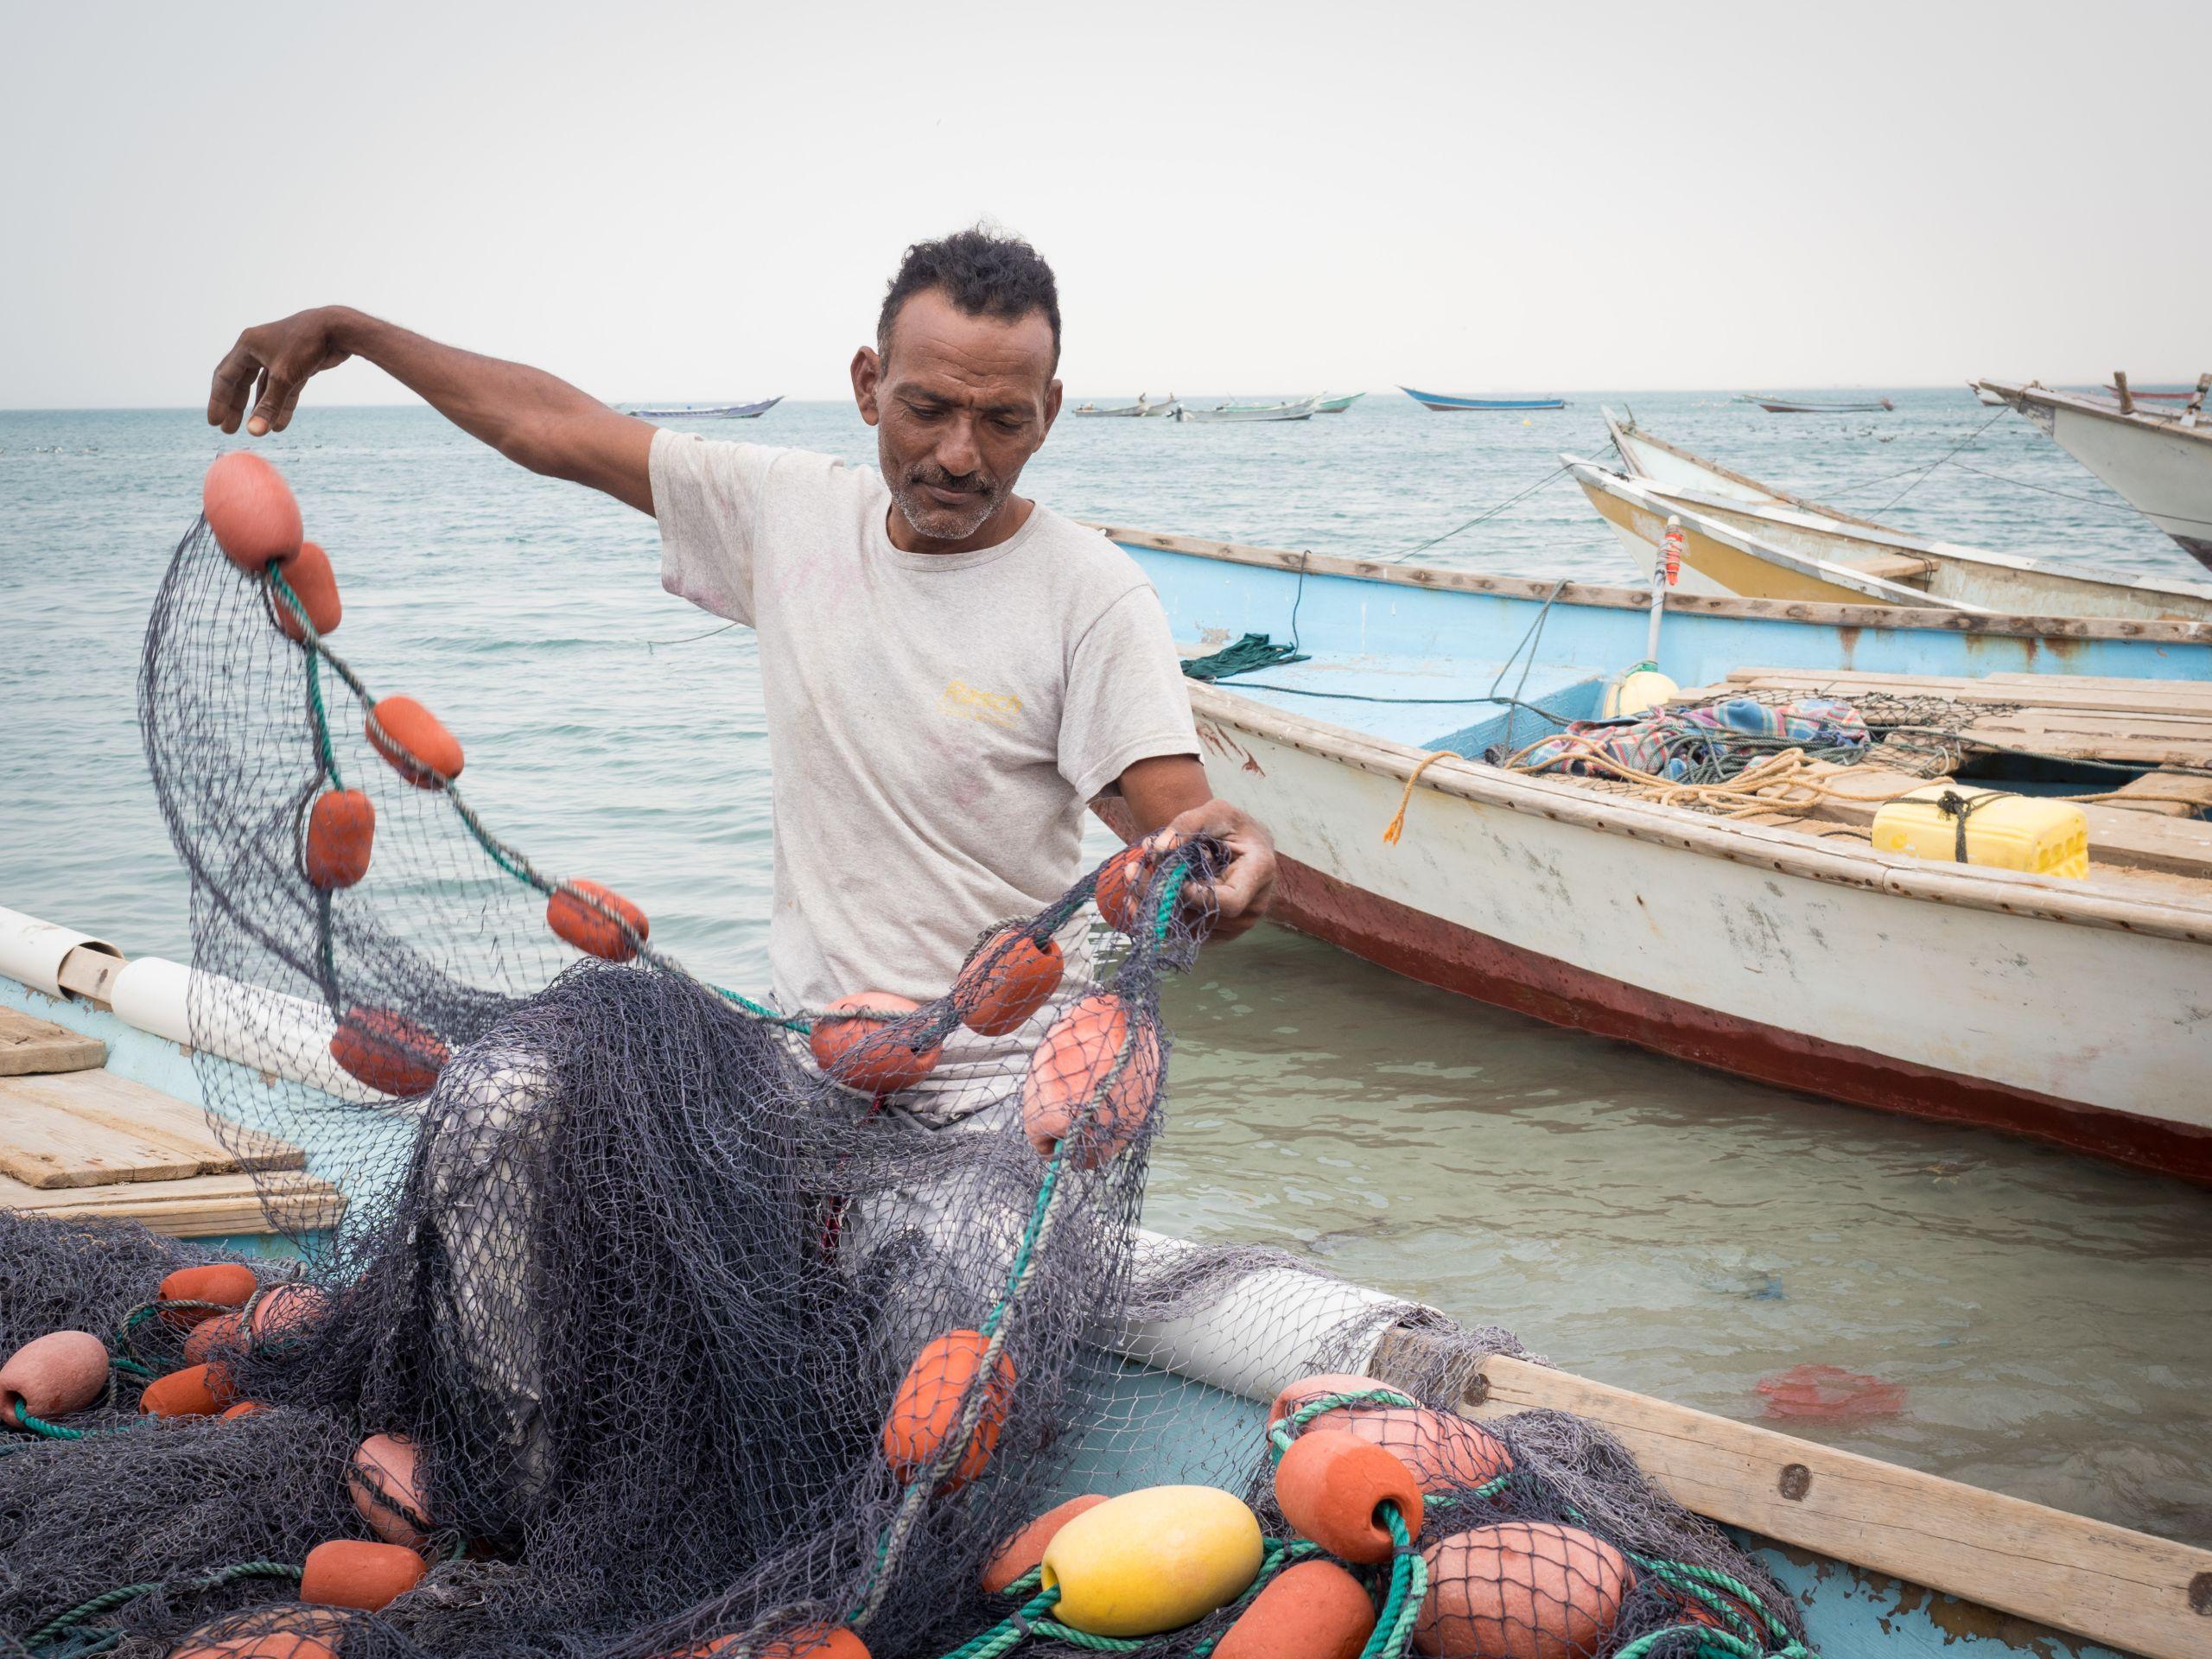 Yemen - How fishing communities are fighting back